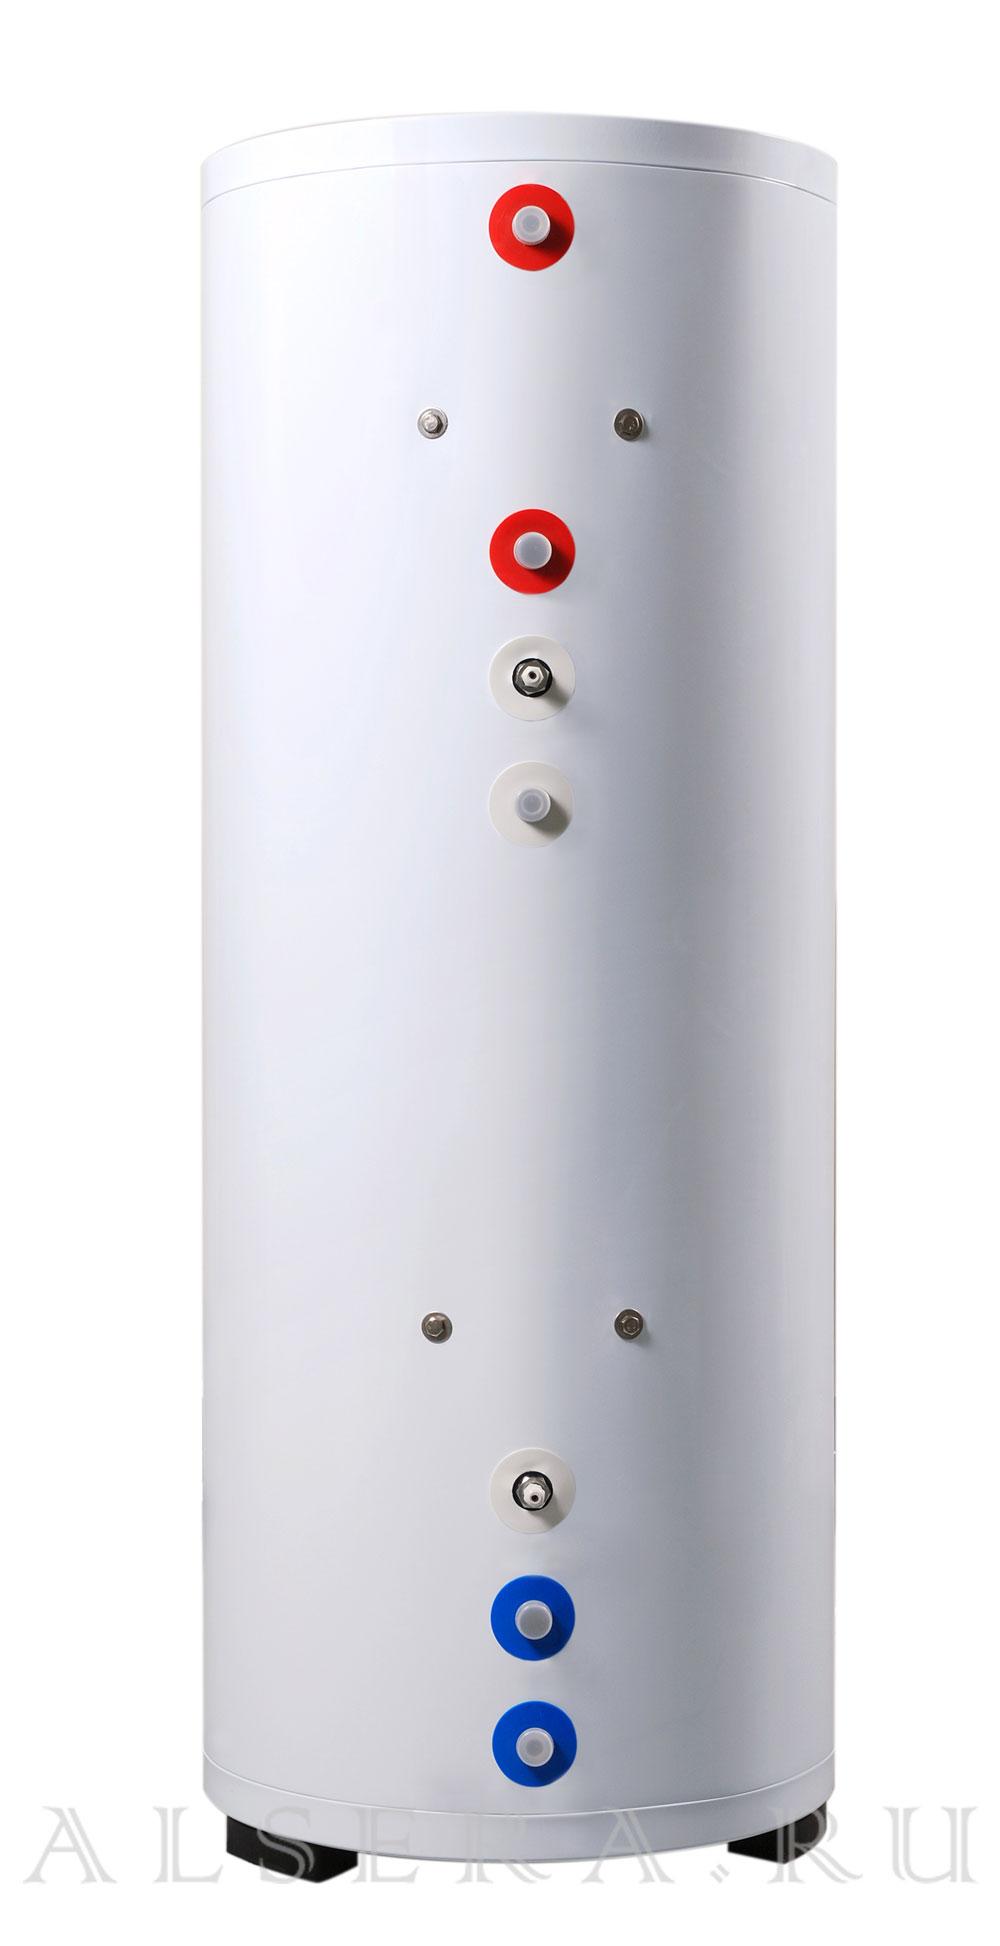 Водонагреватели теплообменником Пластинчатый теплообменник HISAKA UX-31 Камышин